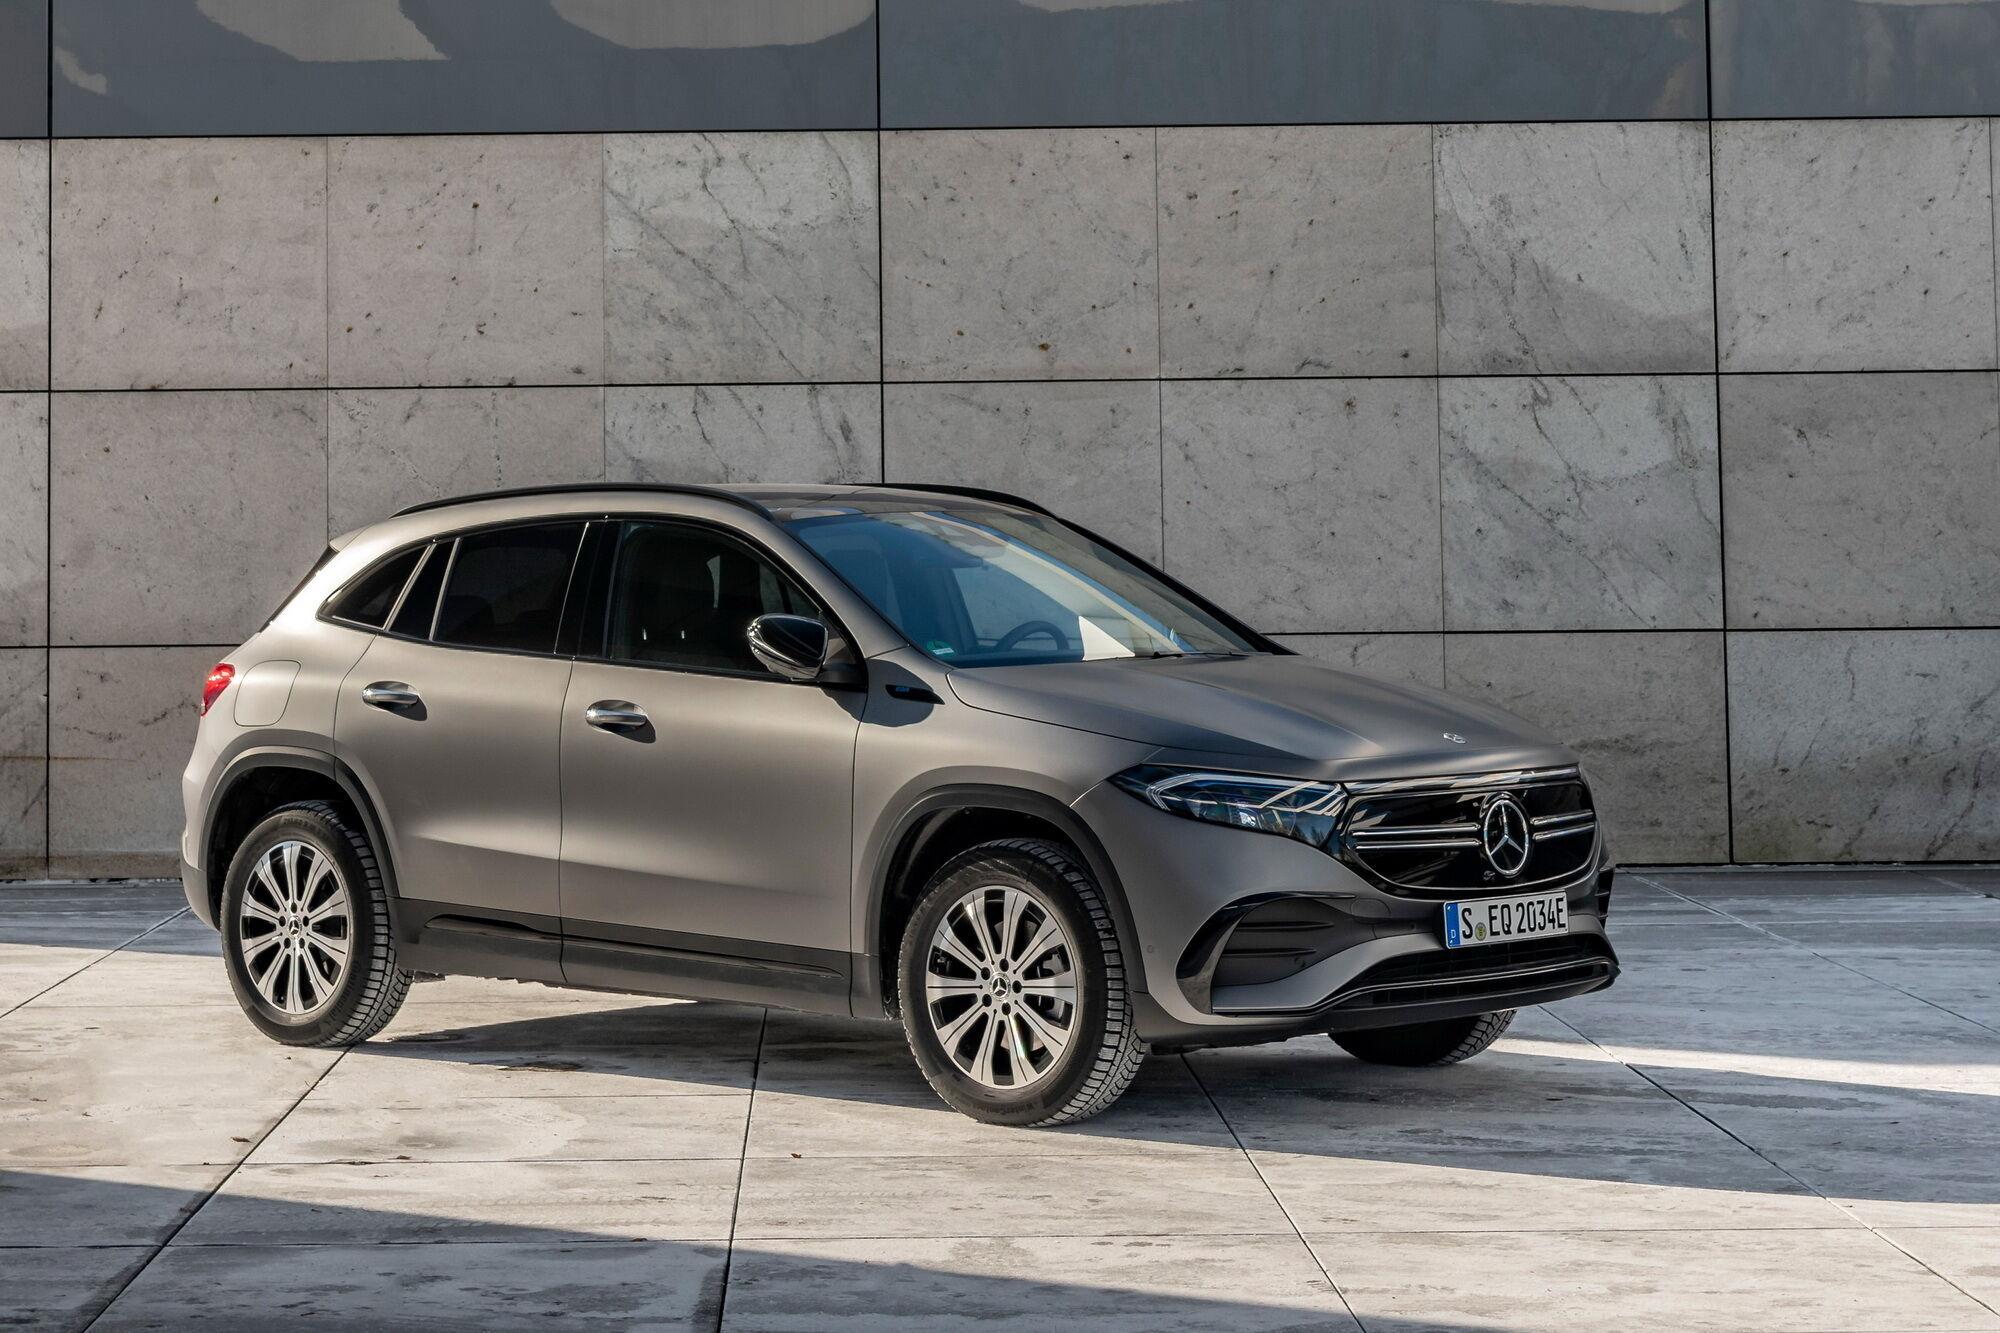 Mercedes-Benz продовжує розширювати пропозицію в сегменті електрокарів